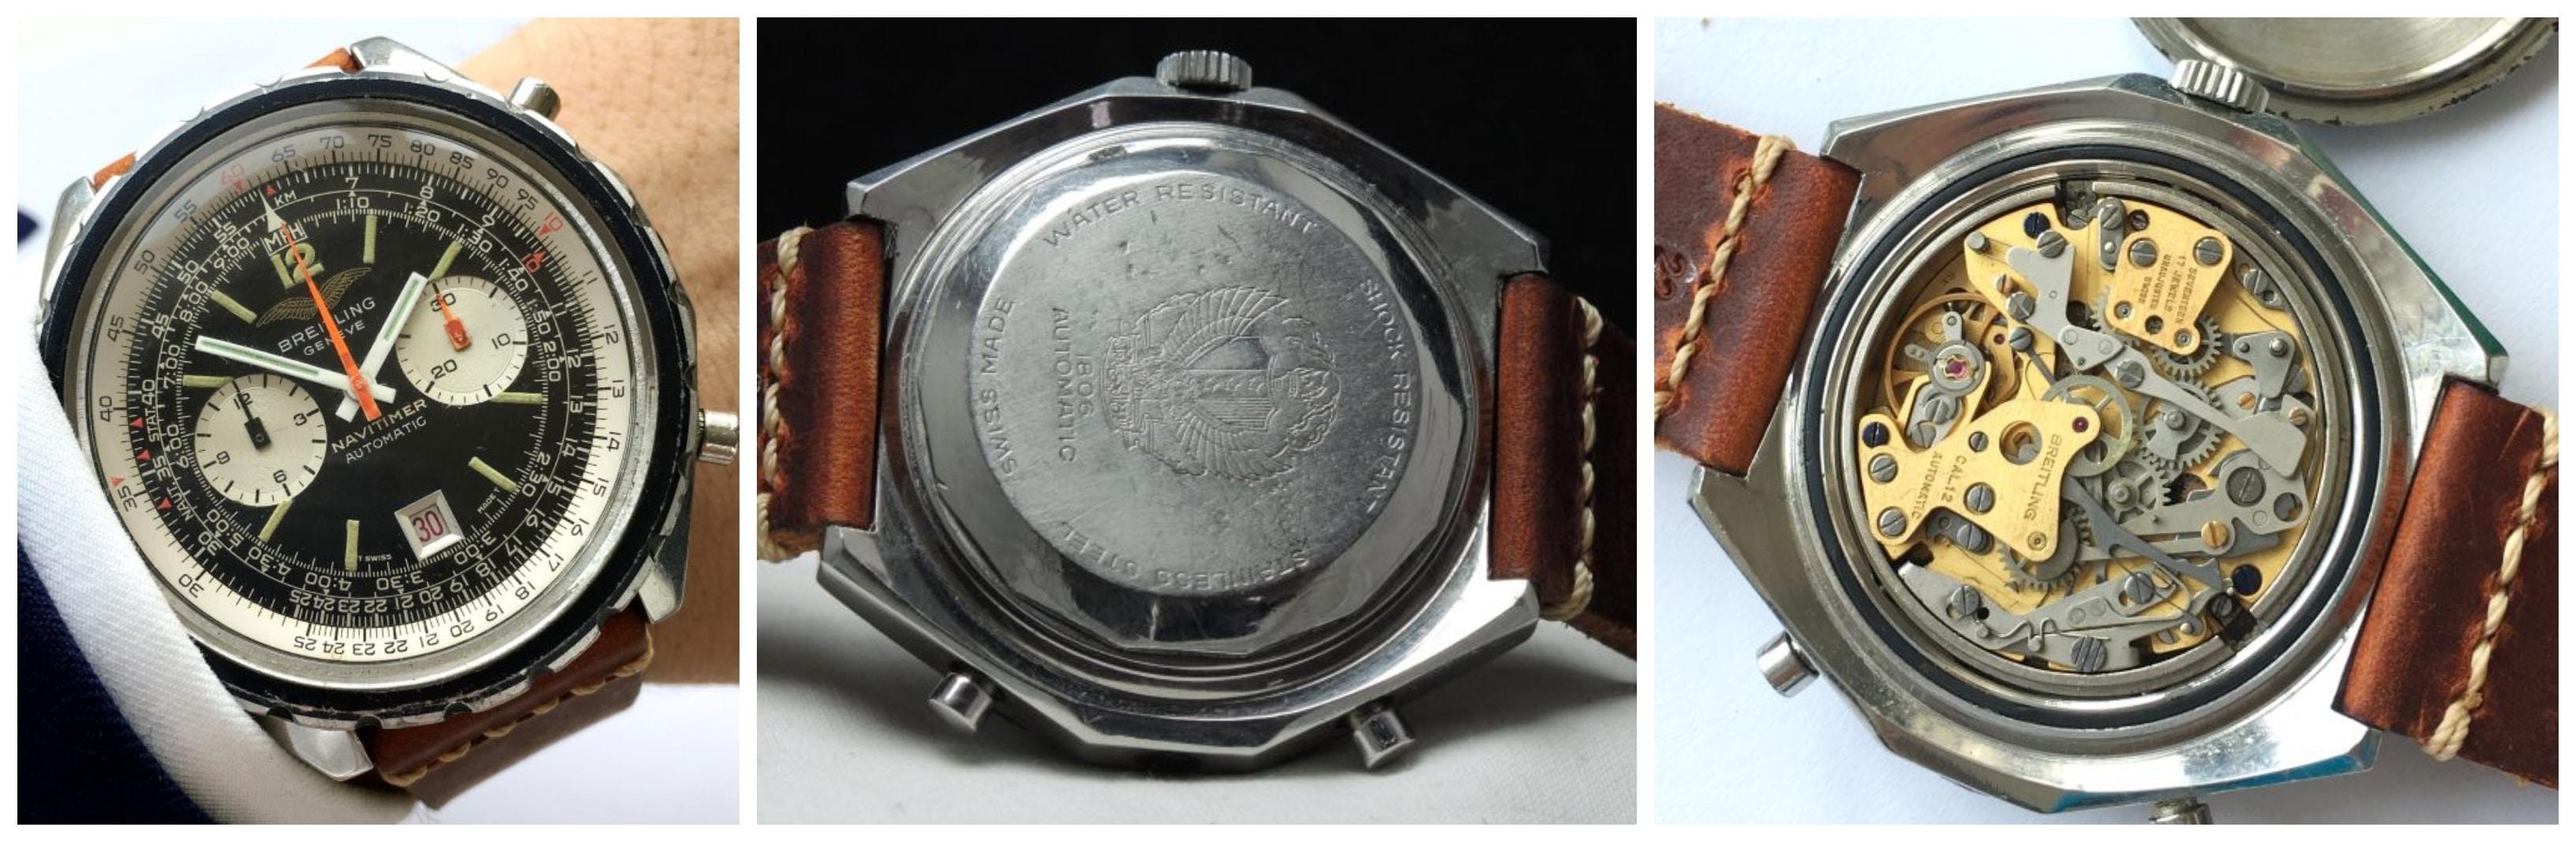 Breitling Navitimer: The First Smart Watch